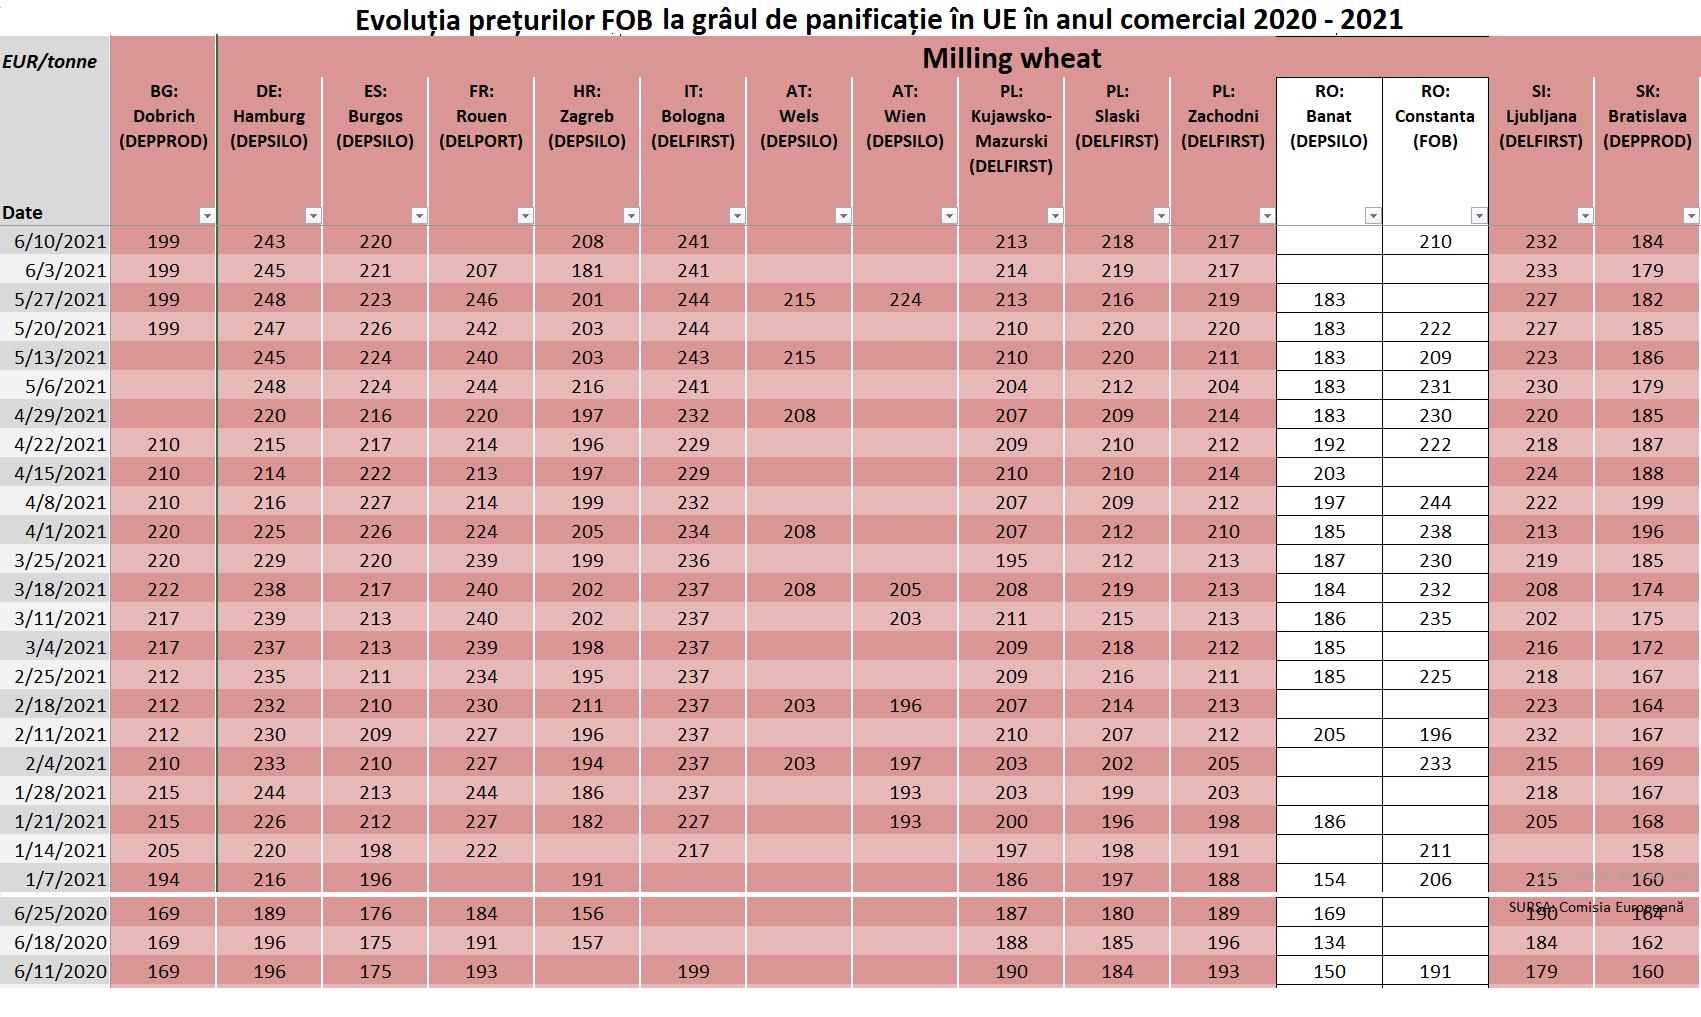 Prețurile la grâu în UE anul comercial 2020 / 2021